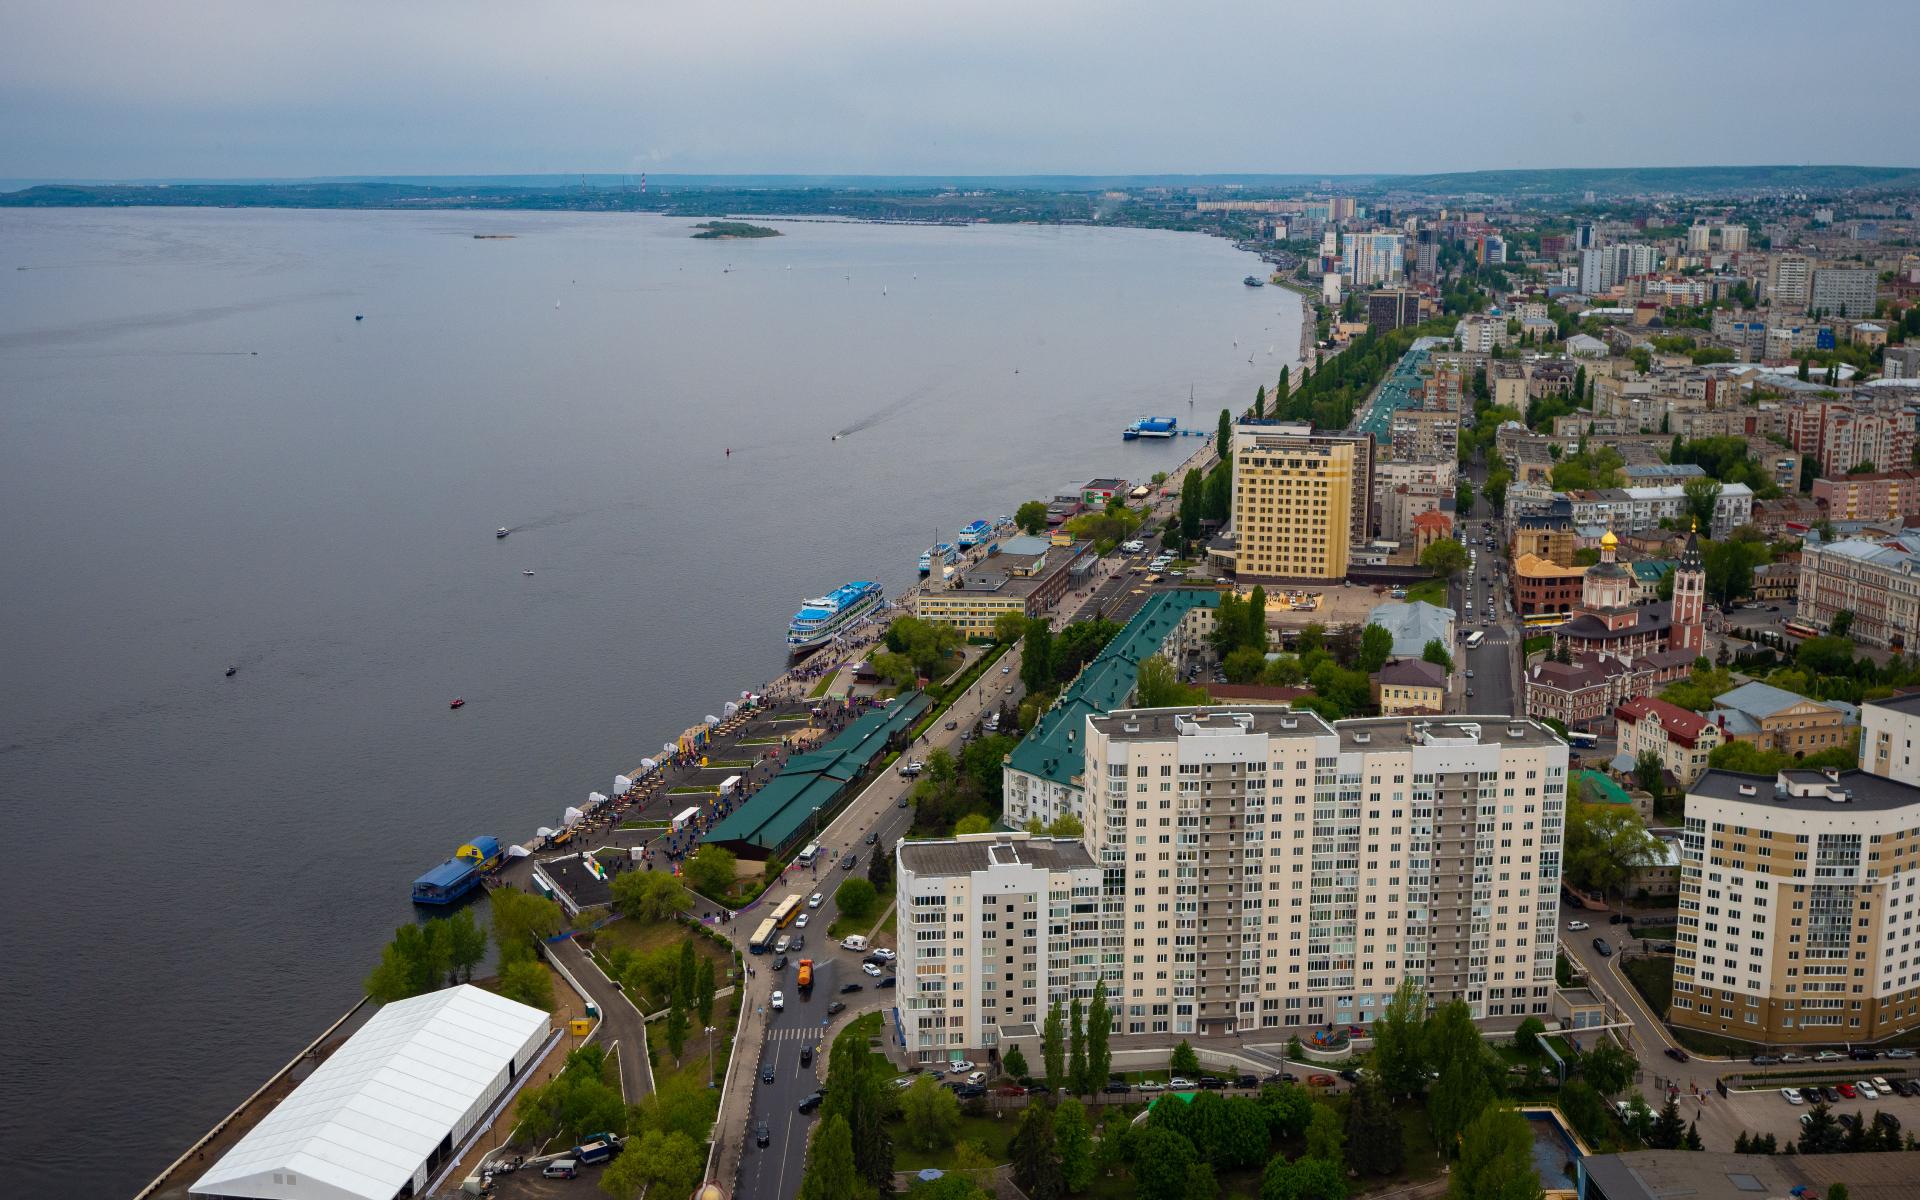 За год цена 1 кв. м в новостройках Саратова упала на 13,1%